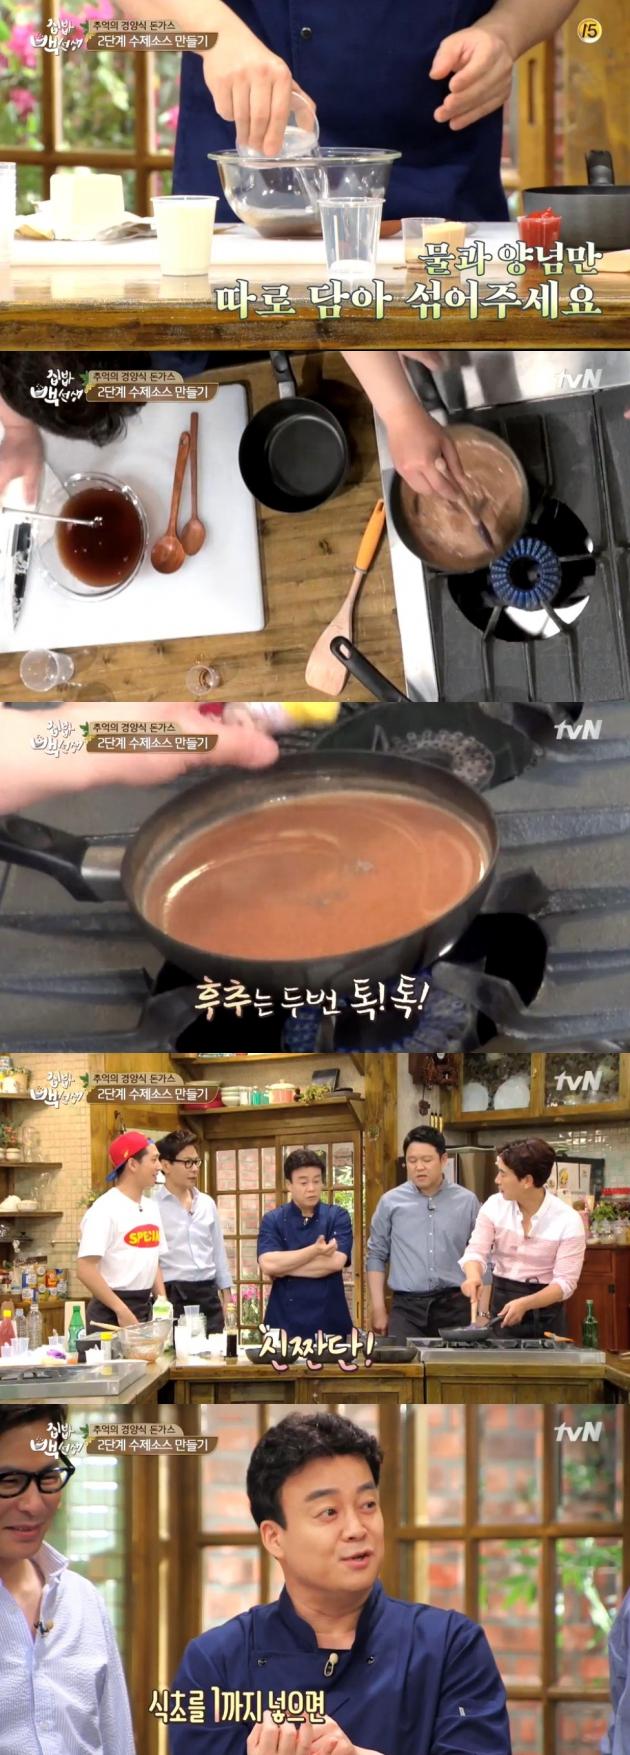 '집밥 백선생' / '집밥 백선생' 사진=tvN 방송 캡처